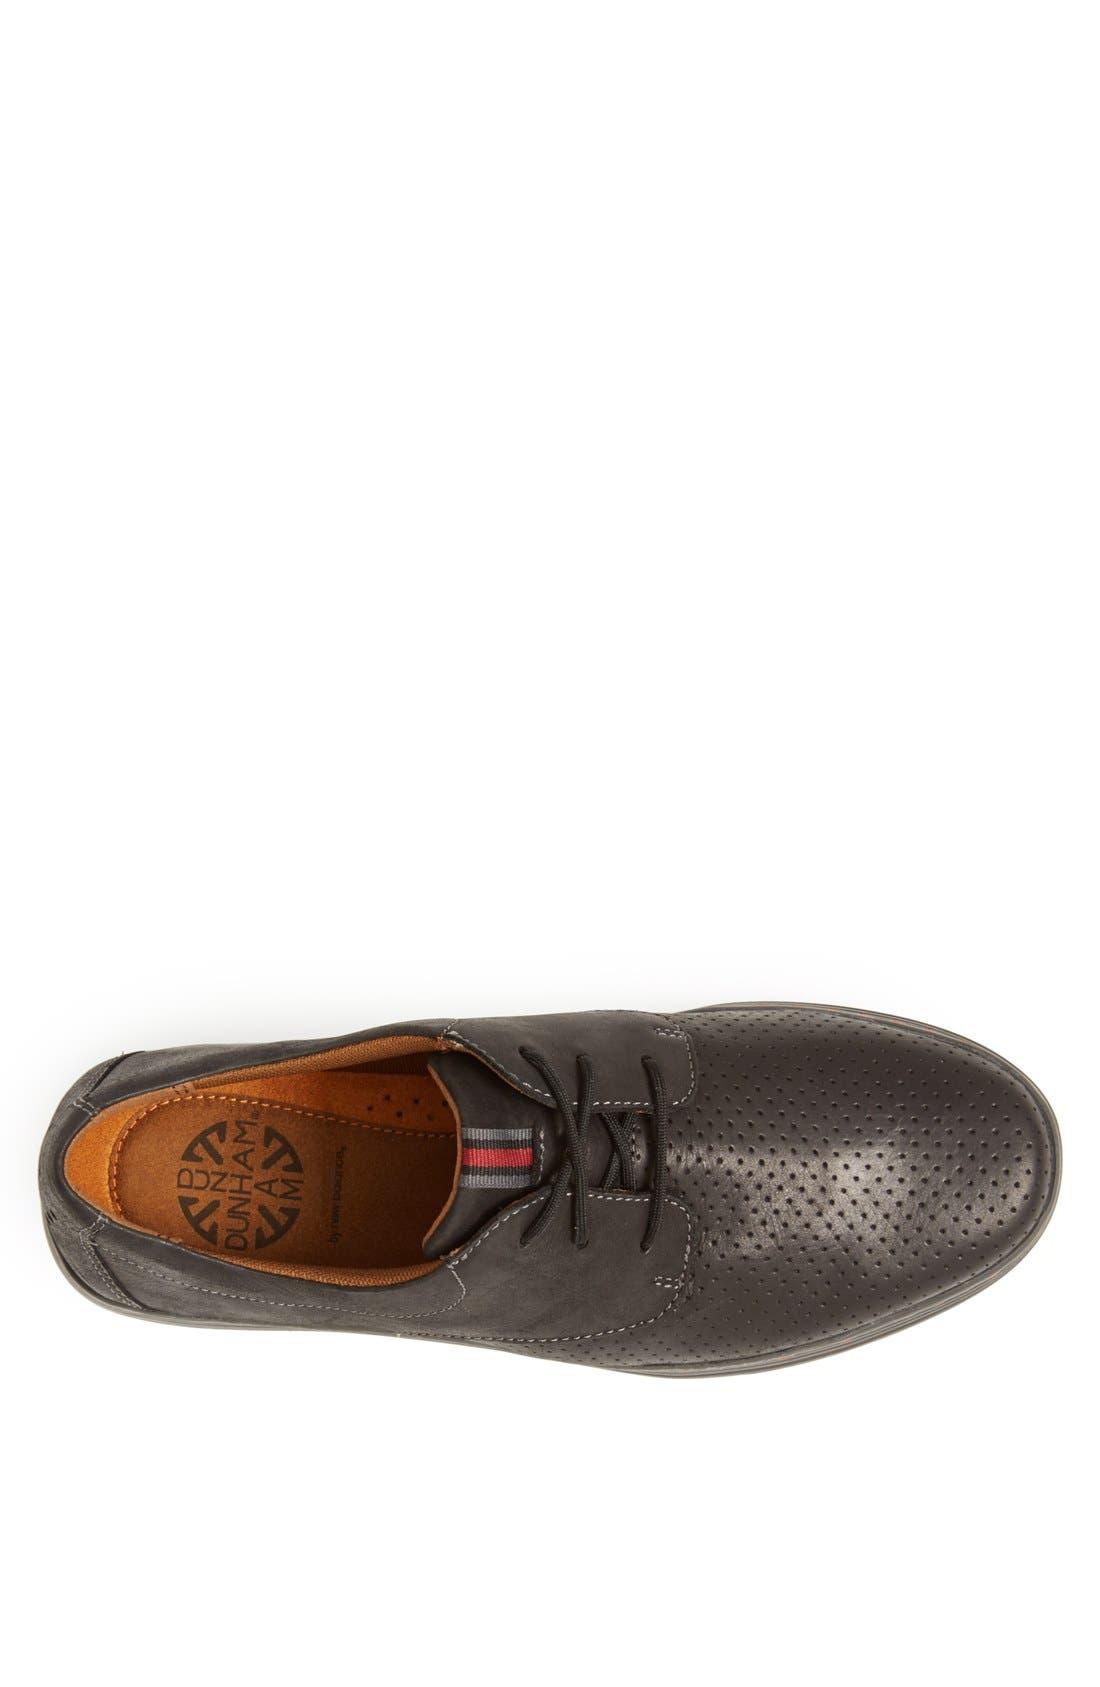 DUNHAM,                             'Camden' Sneaker,                             Alternate thumbnail 2, color,                             014